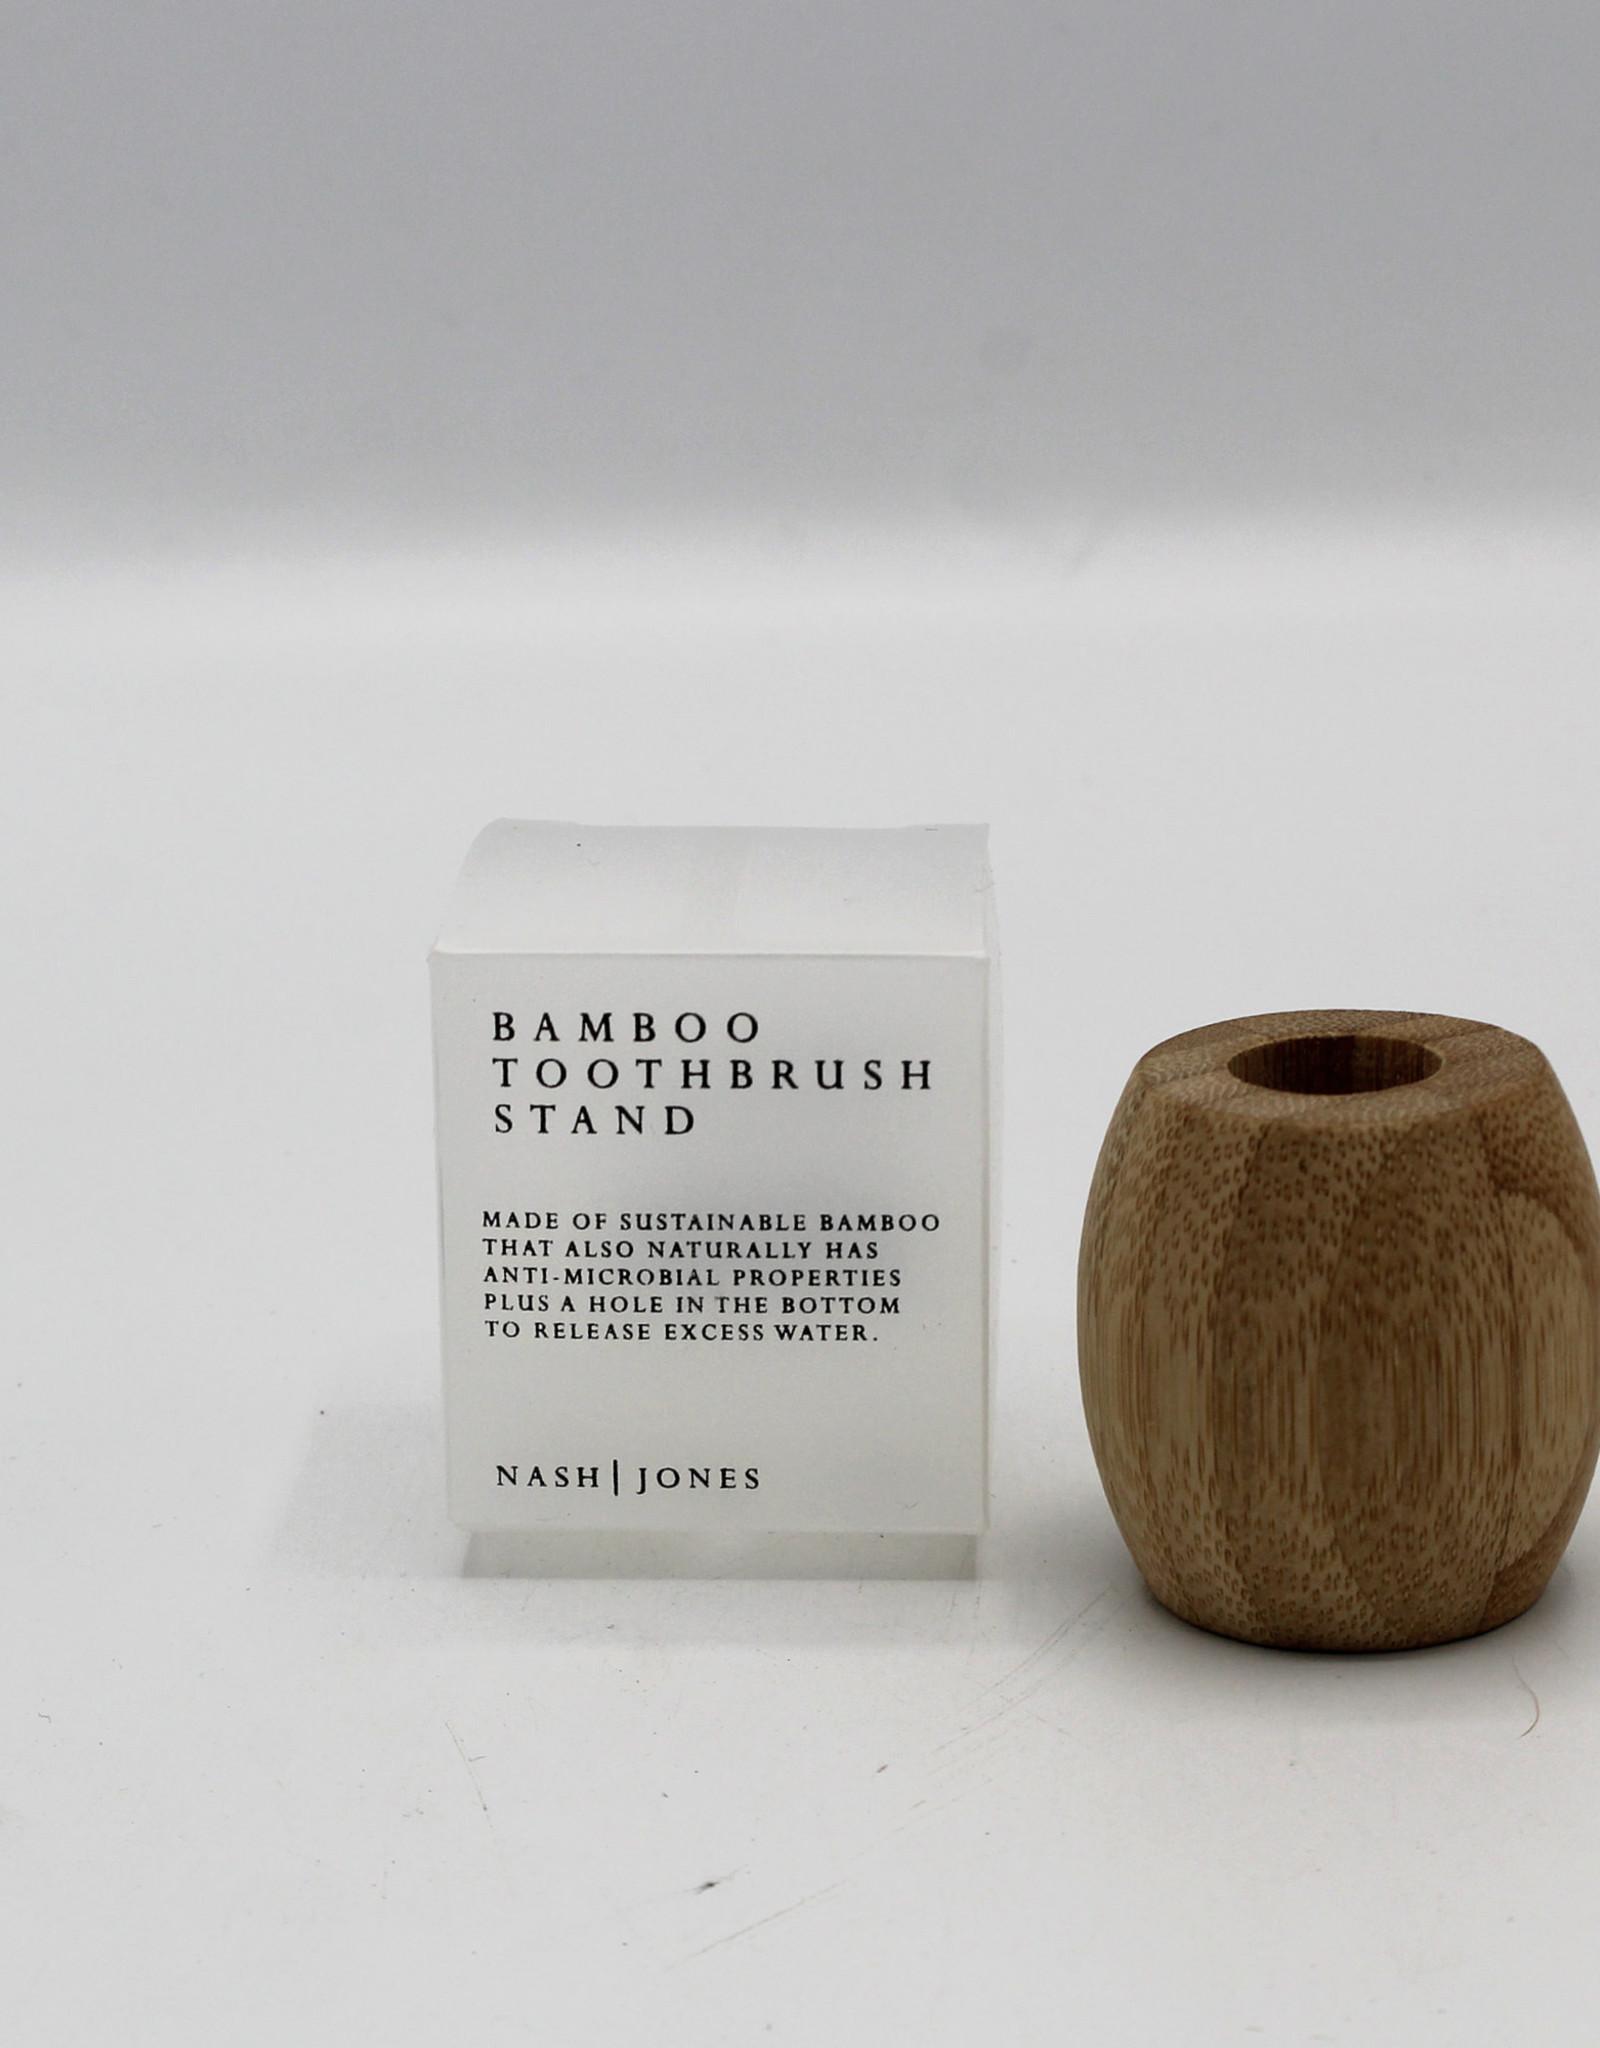 Nash and Jones Bamboo Toothbrush Stand